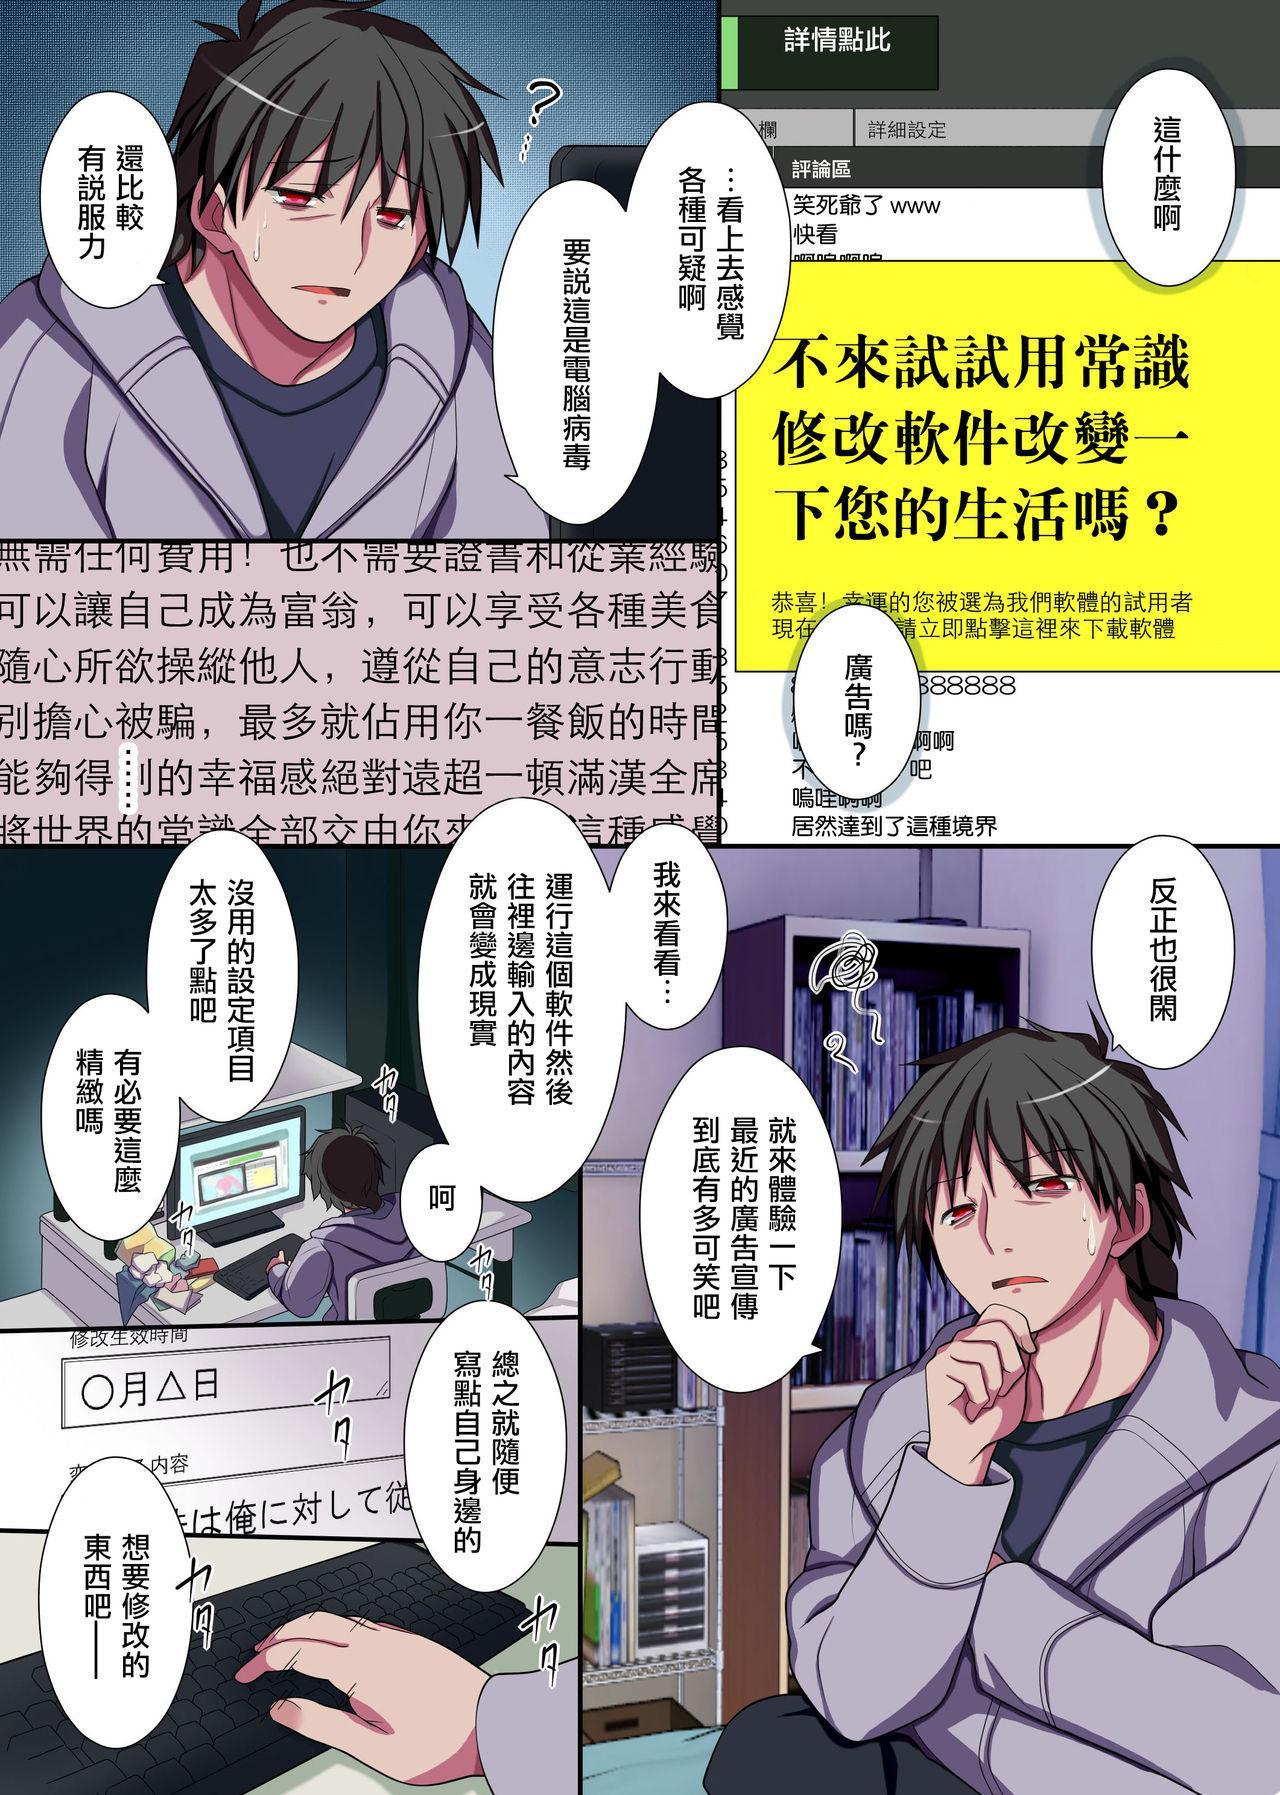 Kyou kara Ore ga Rule Book! Ecchi na Joushiki ni Daremo ga Shitagau Sekai 4